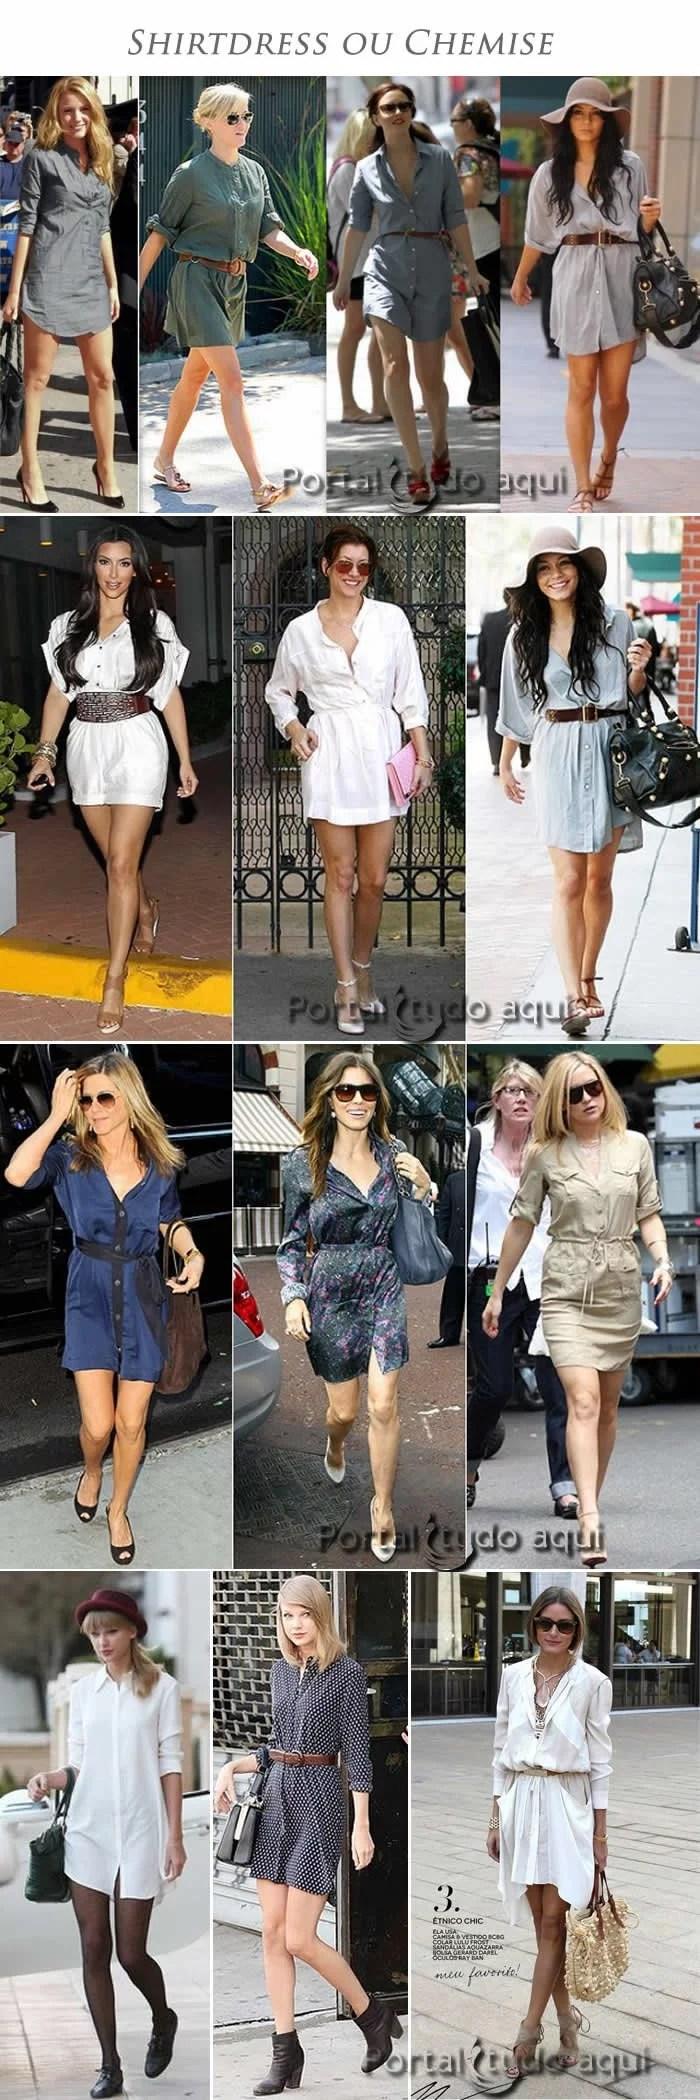 shirtdress-ou-chemise-tendencia-de-moda-inspiracao-famosas